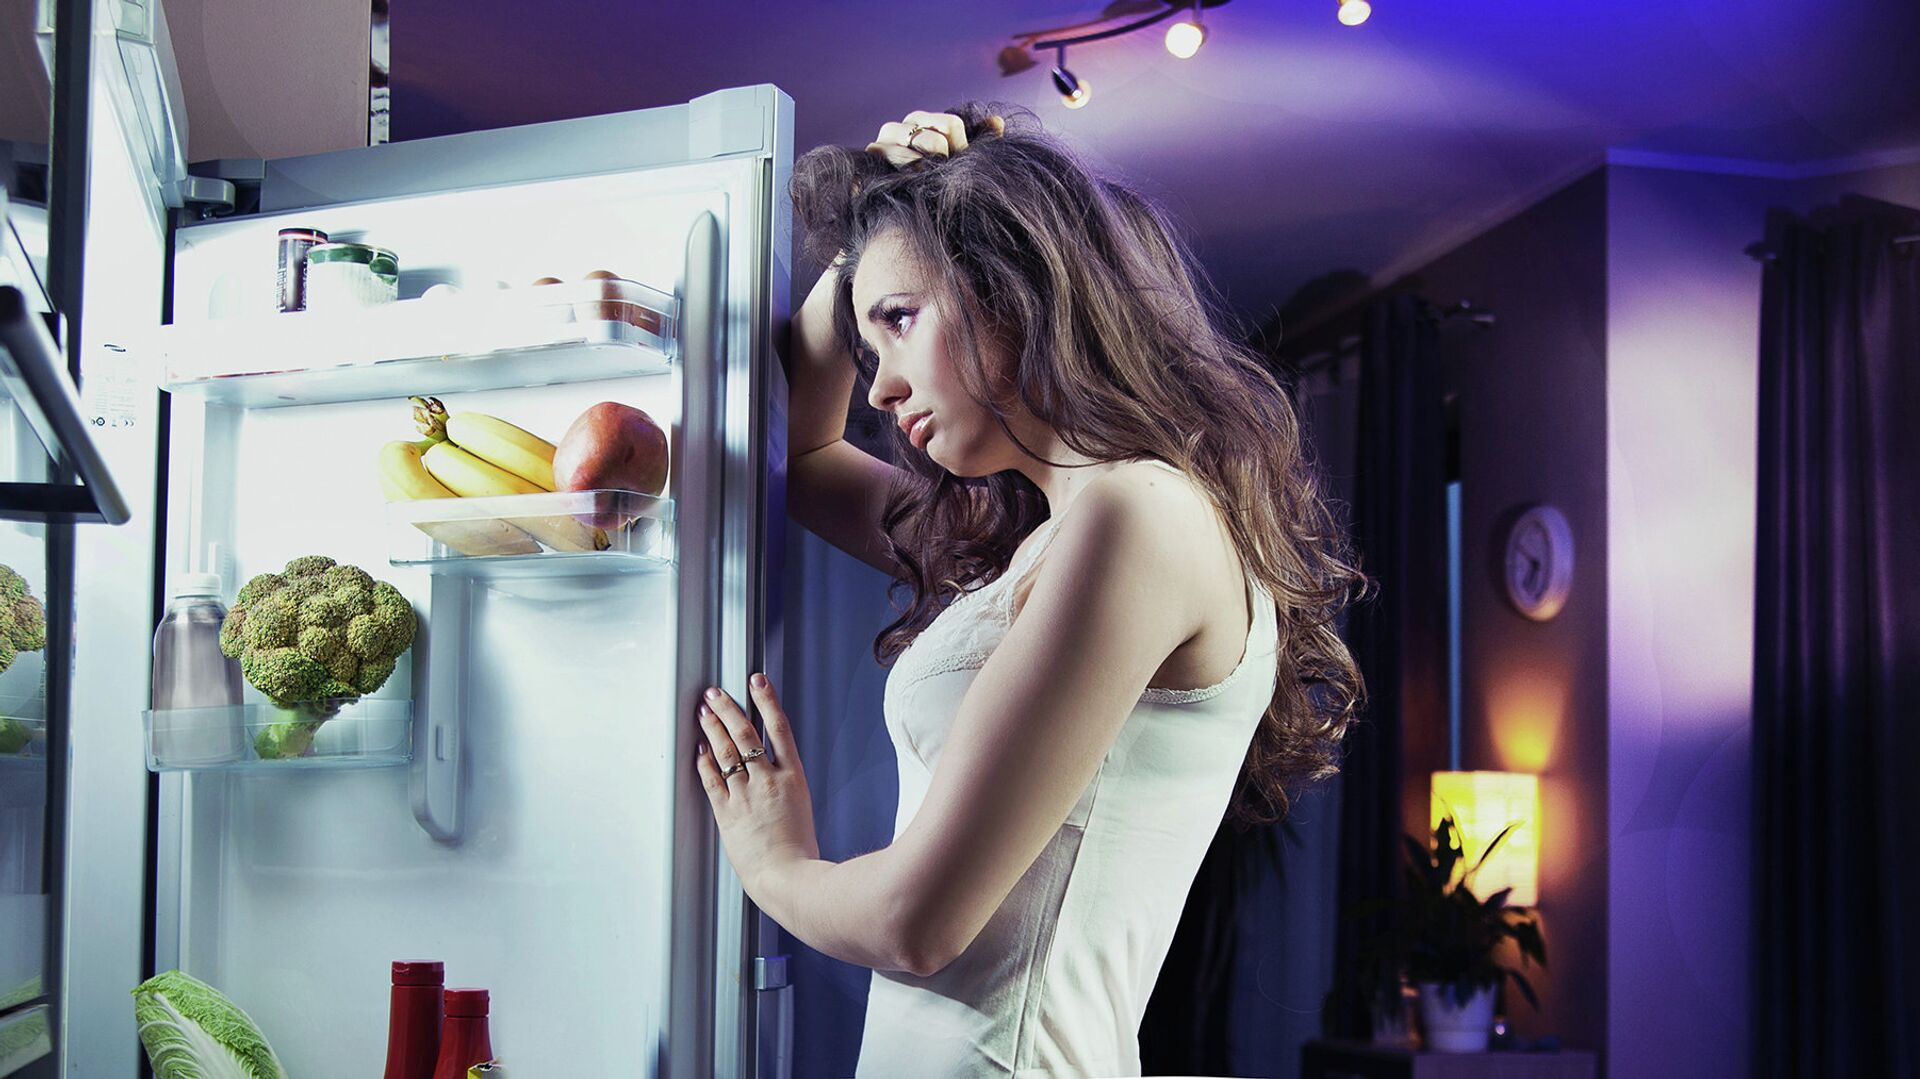 Девушка заглядывает в холодильник - РИА Новости, 1920, 25.09.2020